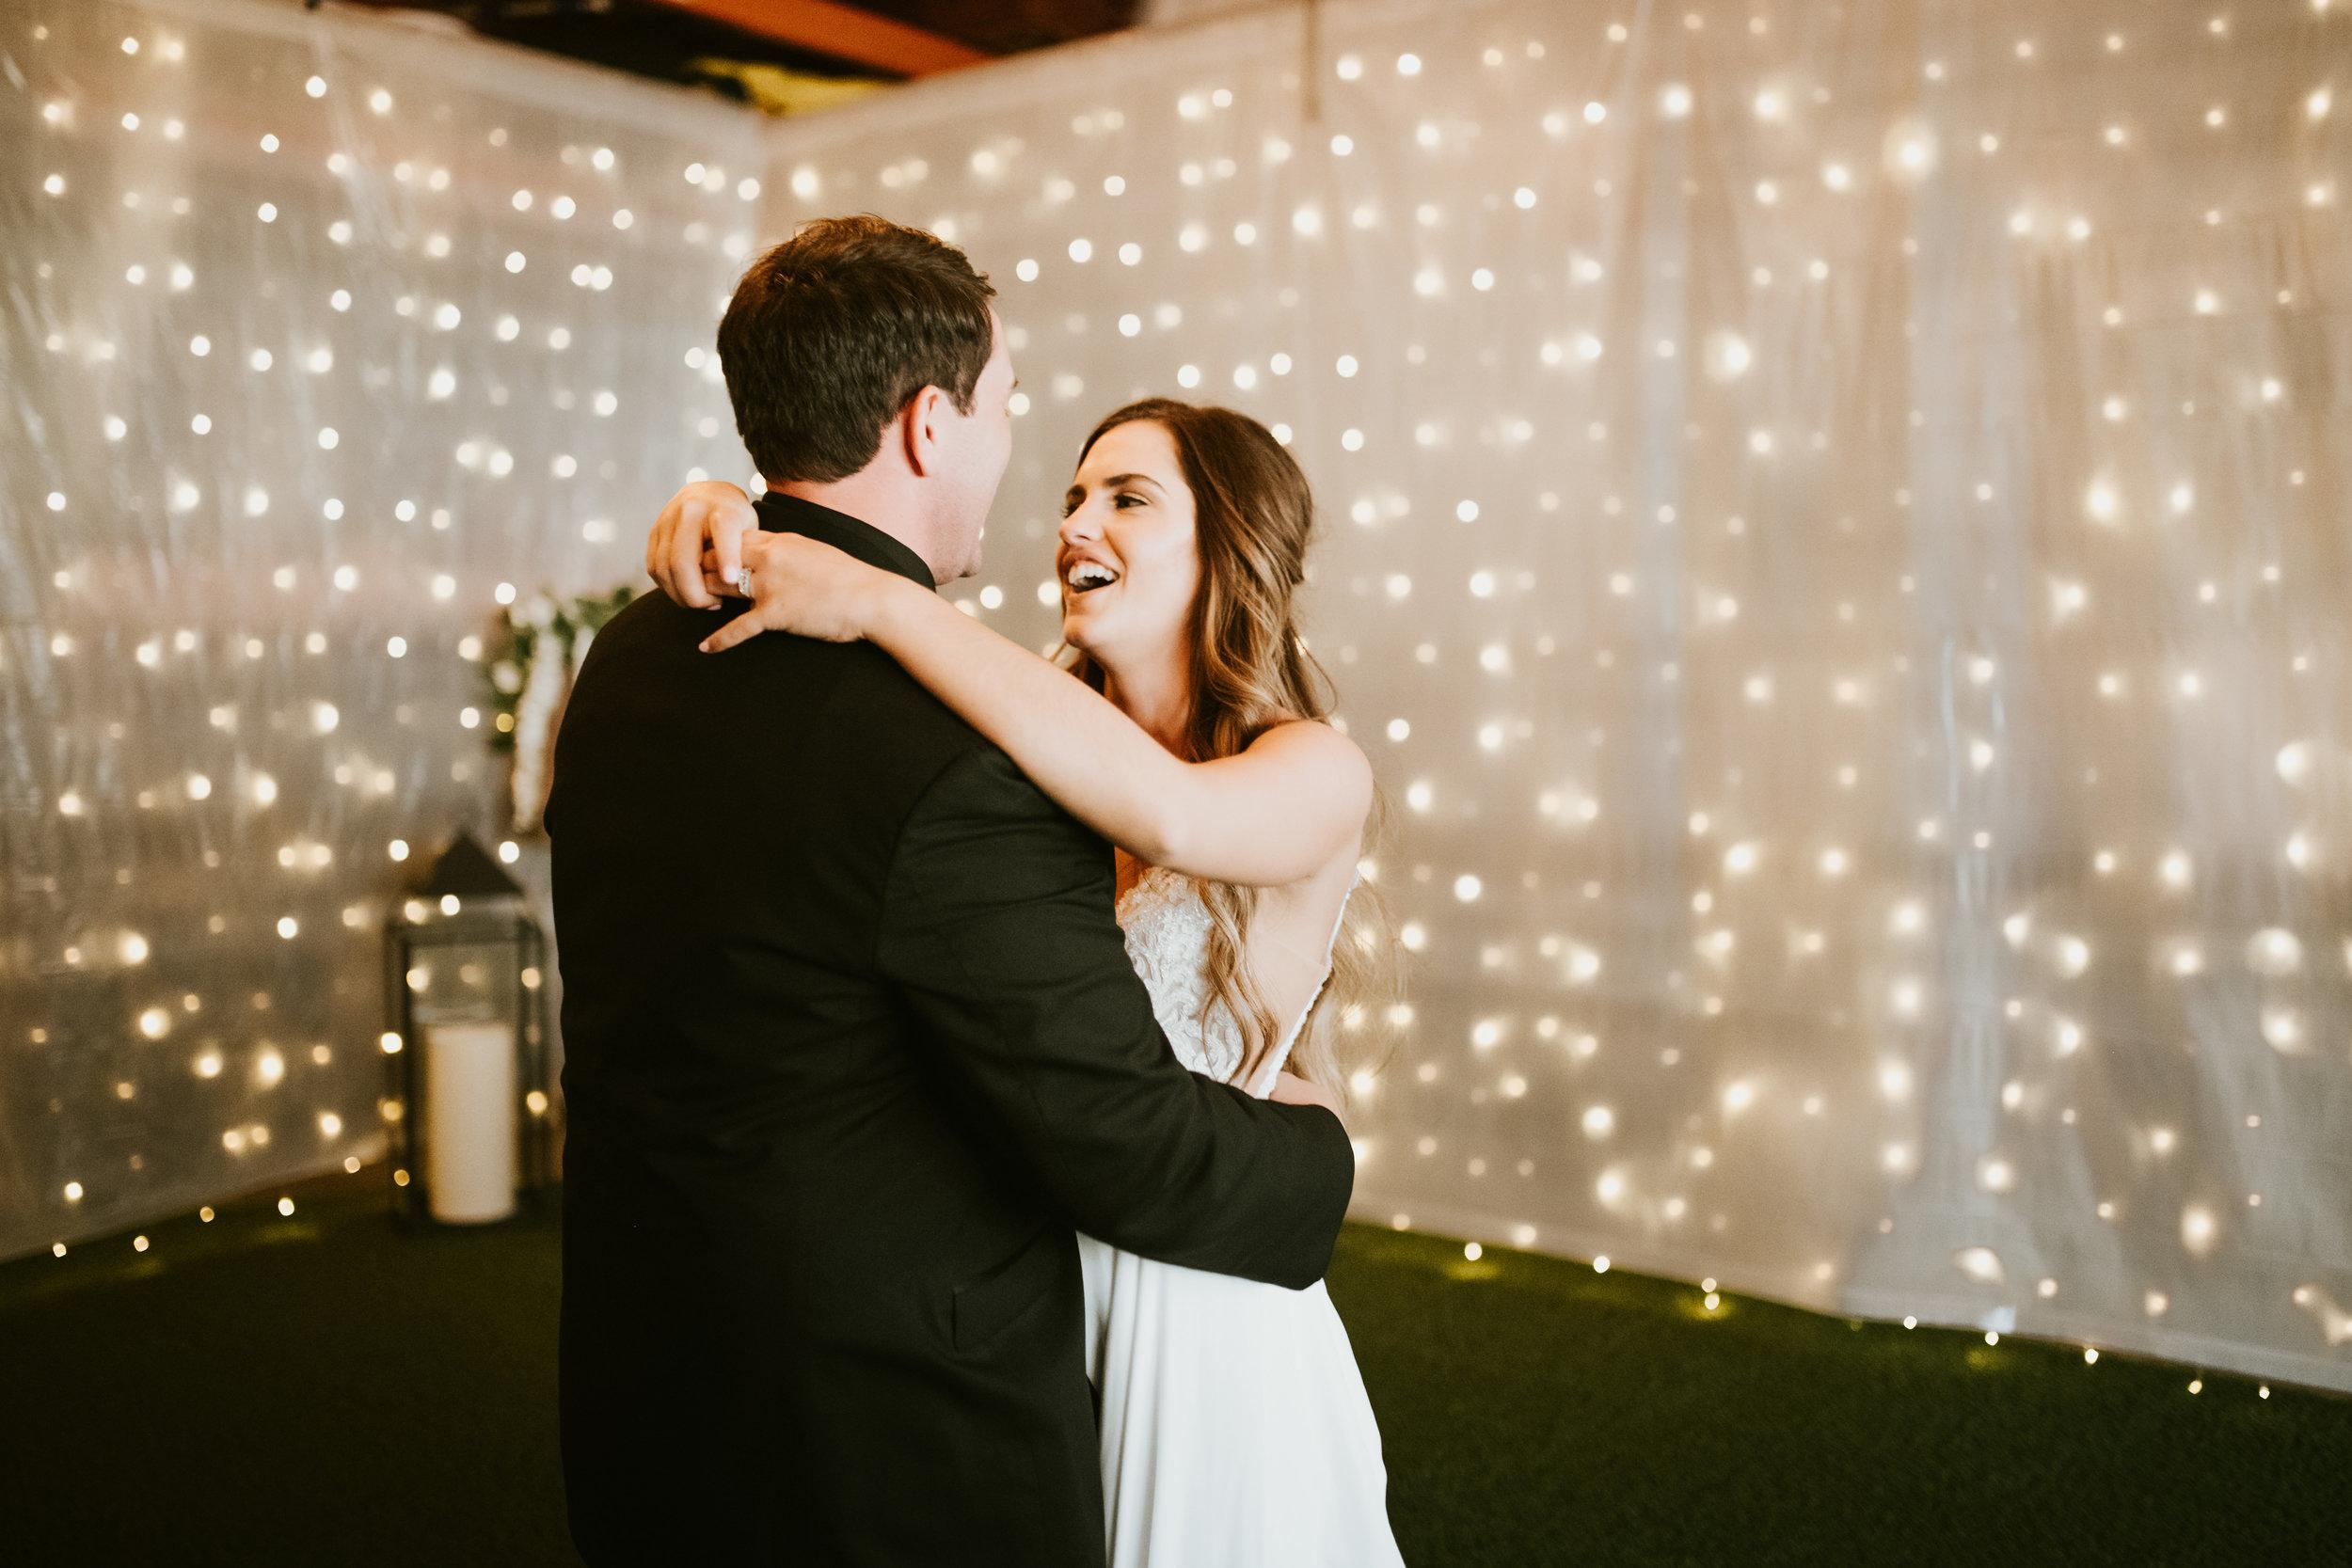 twinkle lights spokane wedding